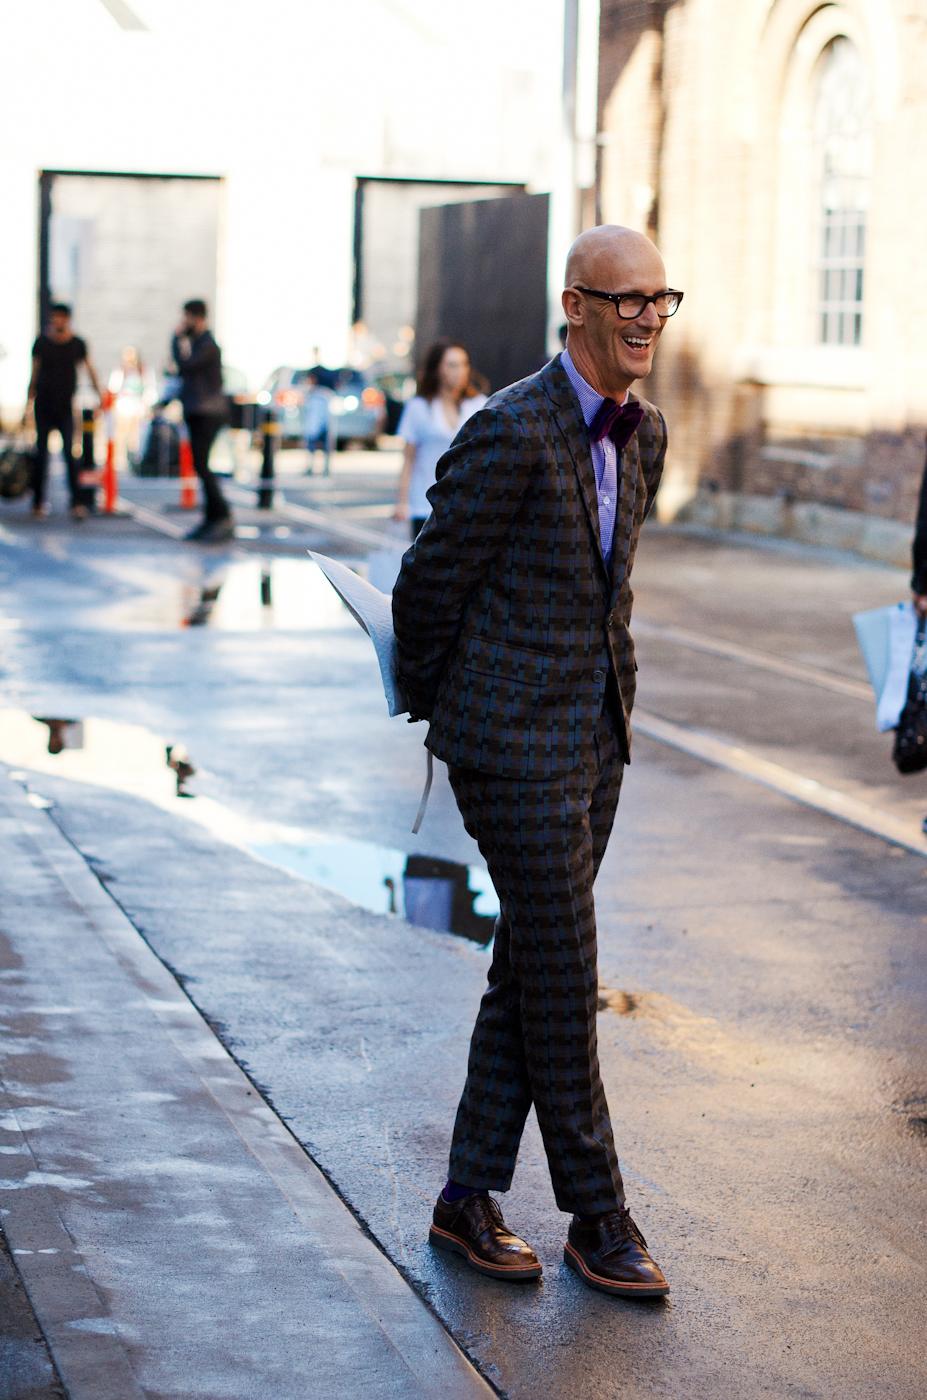 Patterned suit.